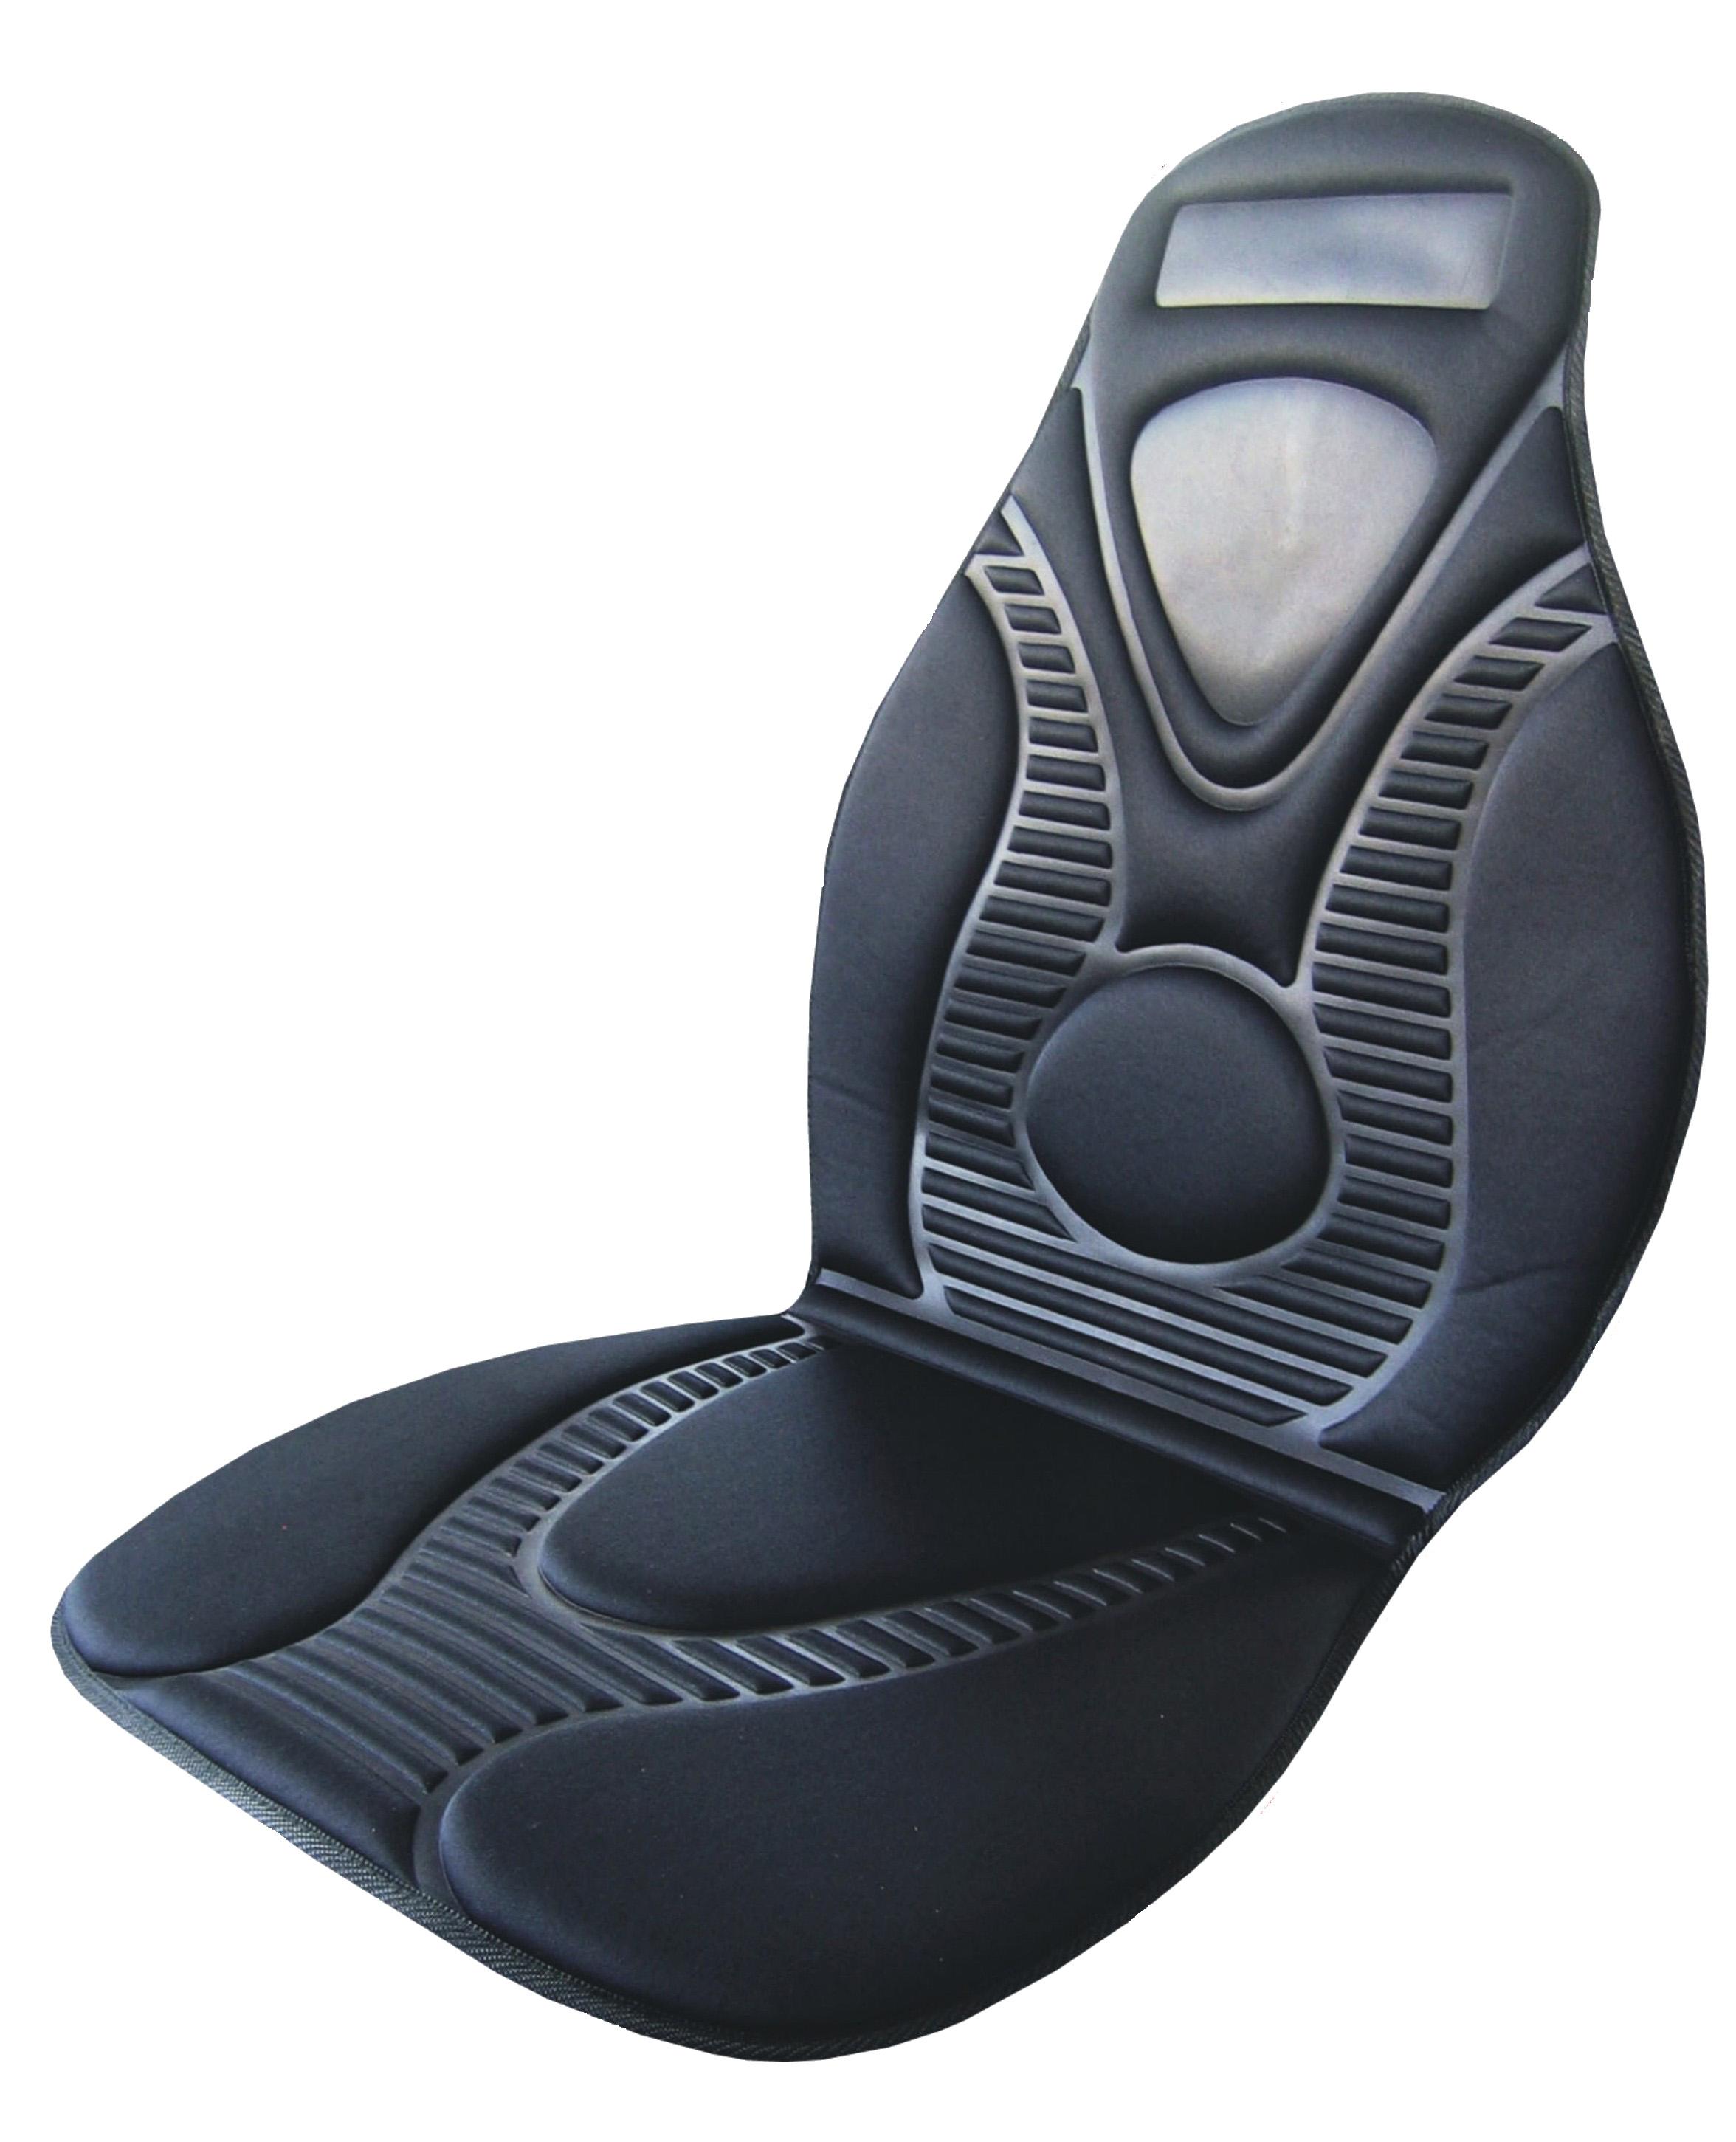 sitzheizung komfort 2 stufen ford mondeo focus cougar. Black Bedroom Furniture Sets. Home Design Ideas